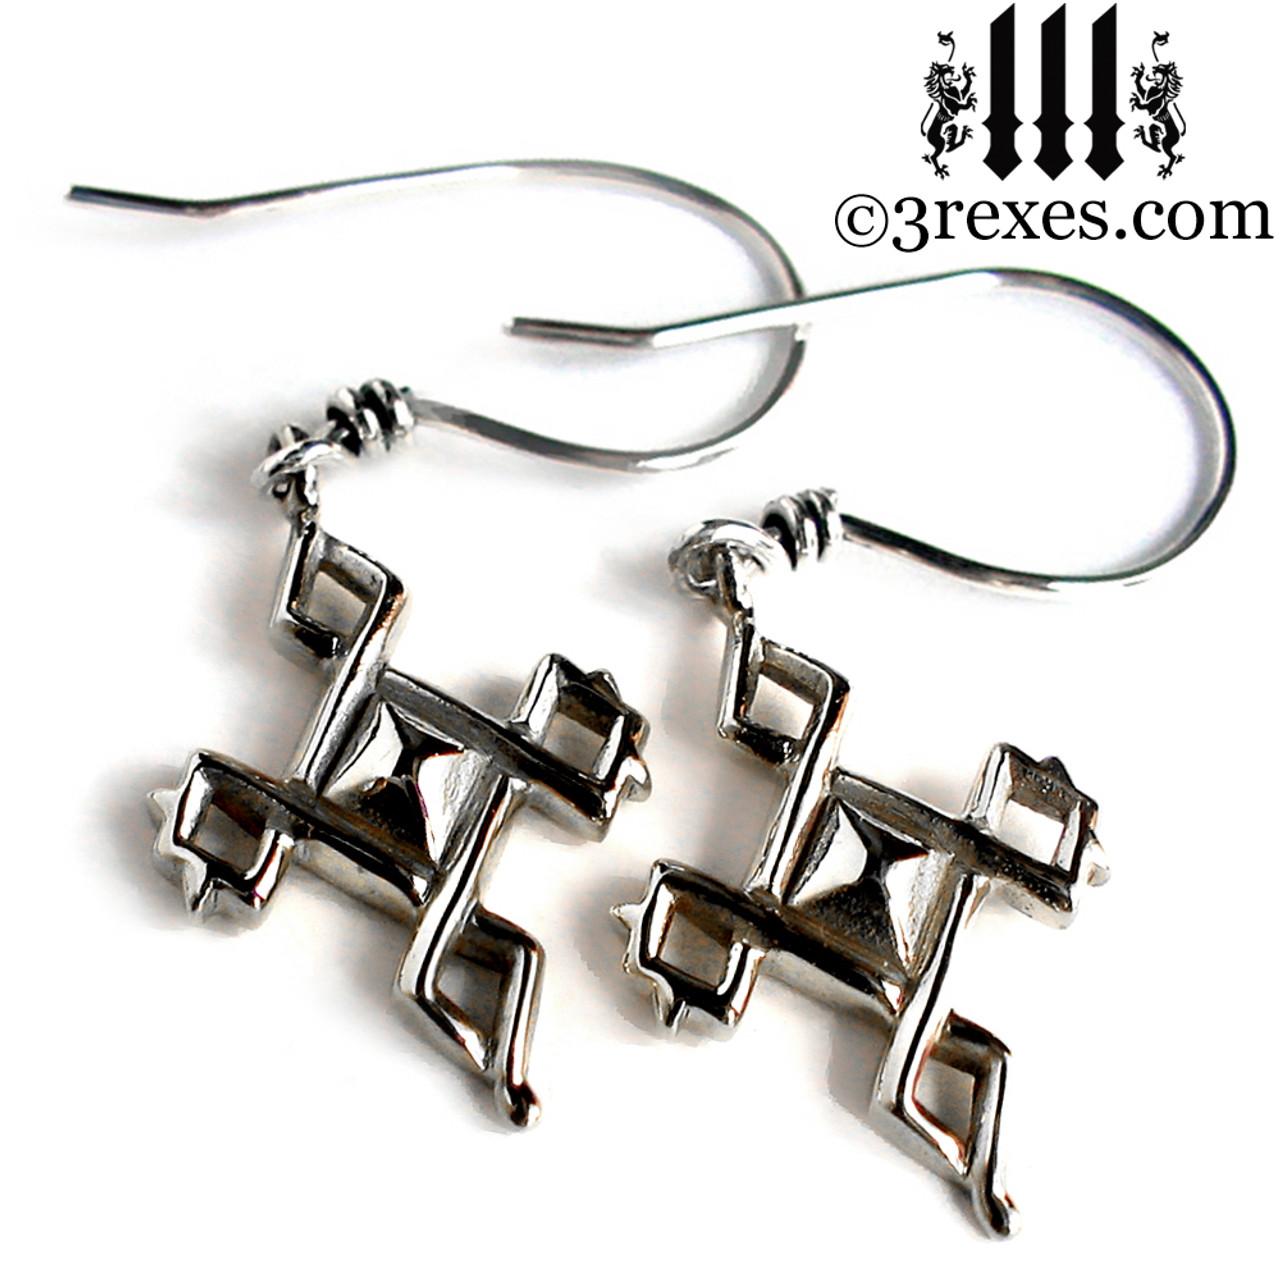 3c8bbcc7d Celtic Cross Charm Earrings .925 Sterling Silver | 3 Rexes Jewelry